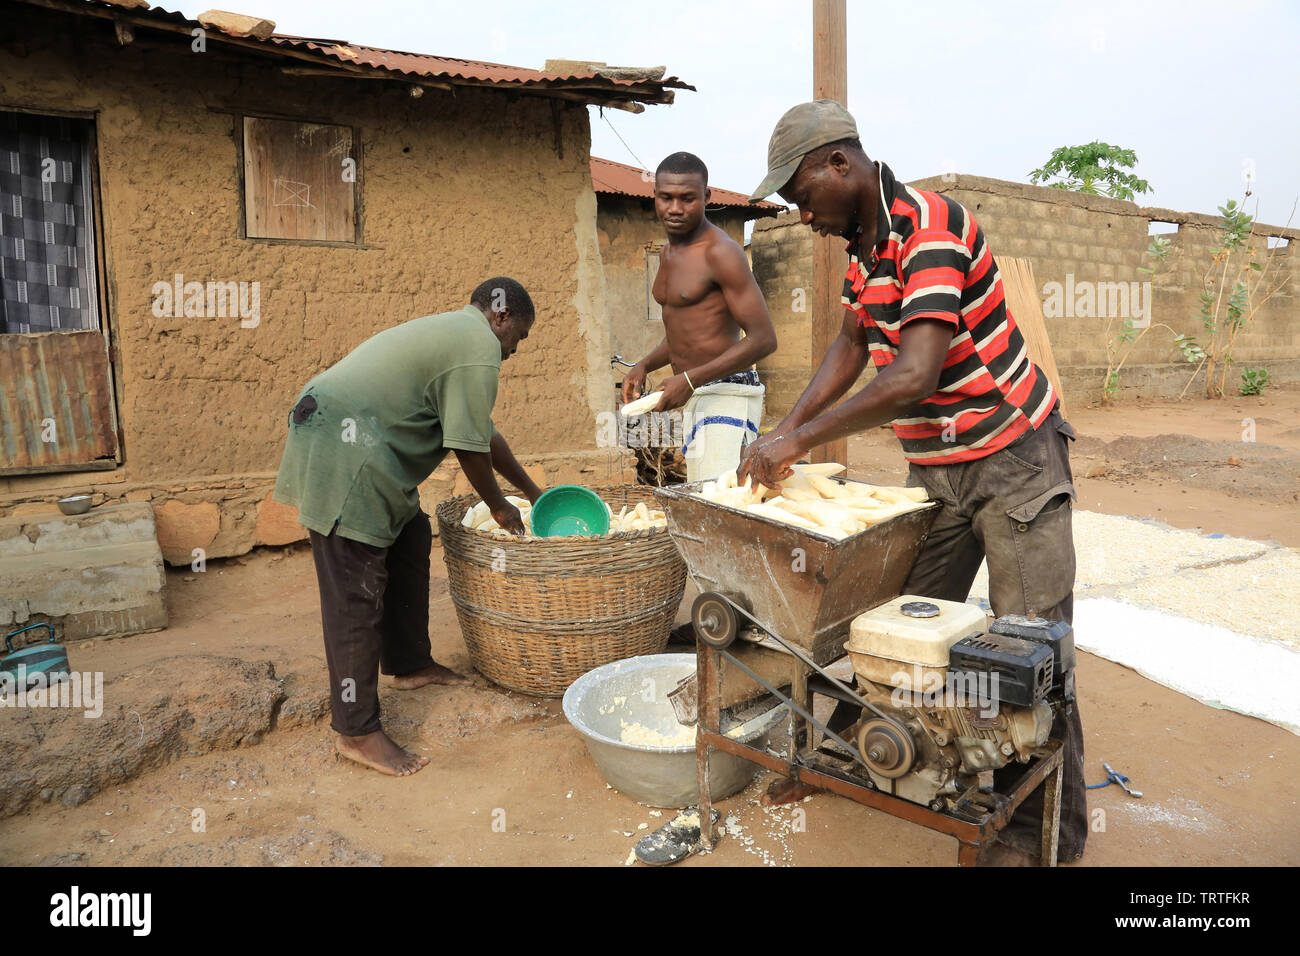 Récolte du manioc. Coopérative agricole. Dtacha. Togo. Afrique de l'Ouest. - Stock Image